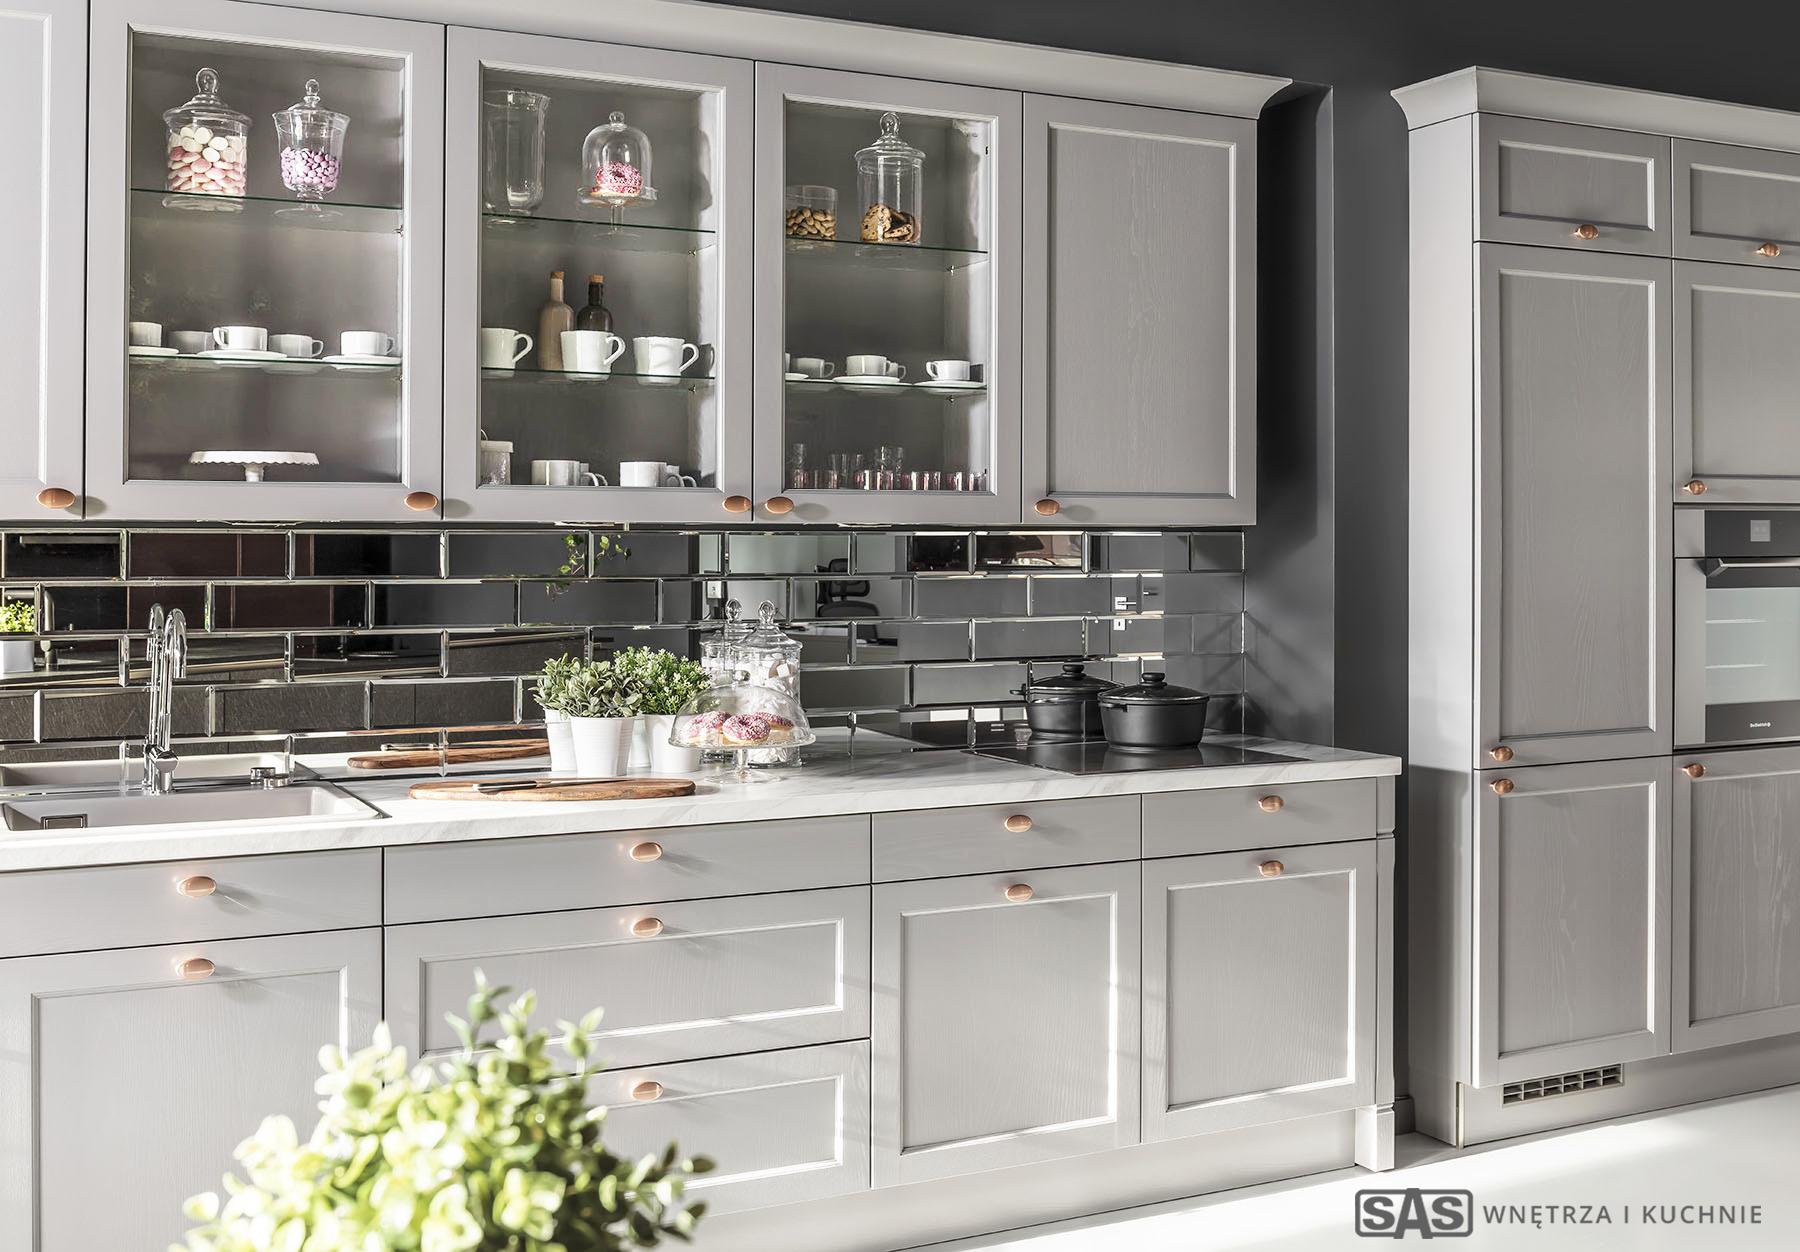 Meble kuchenne na wymiar Bristol- meble kuchenne SAS Wnętrza i Kuchnia, projekt architekt wnętrz Emilia Strzempek Plasun.